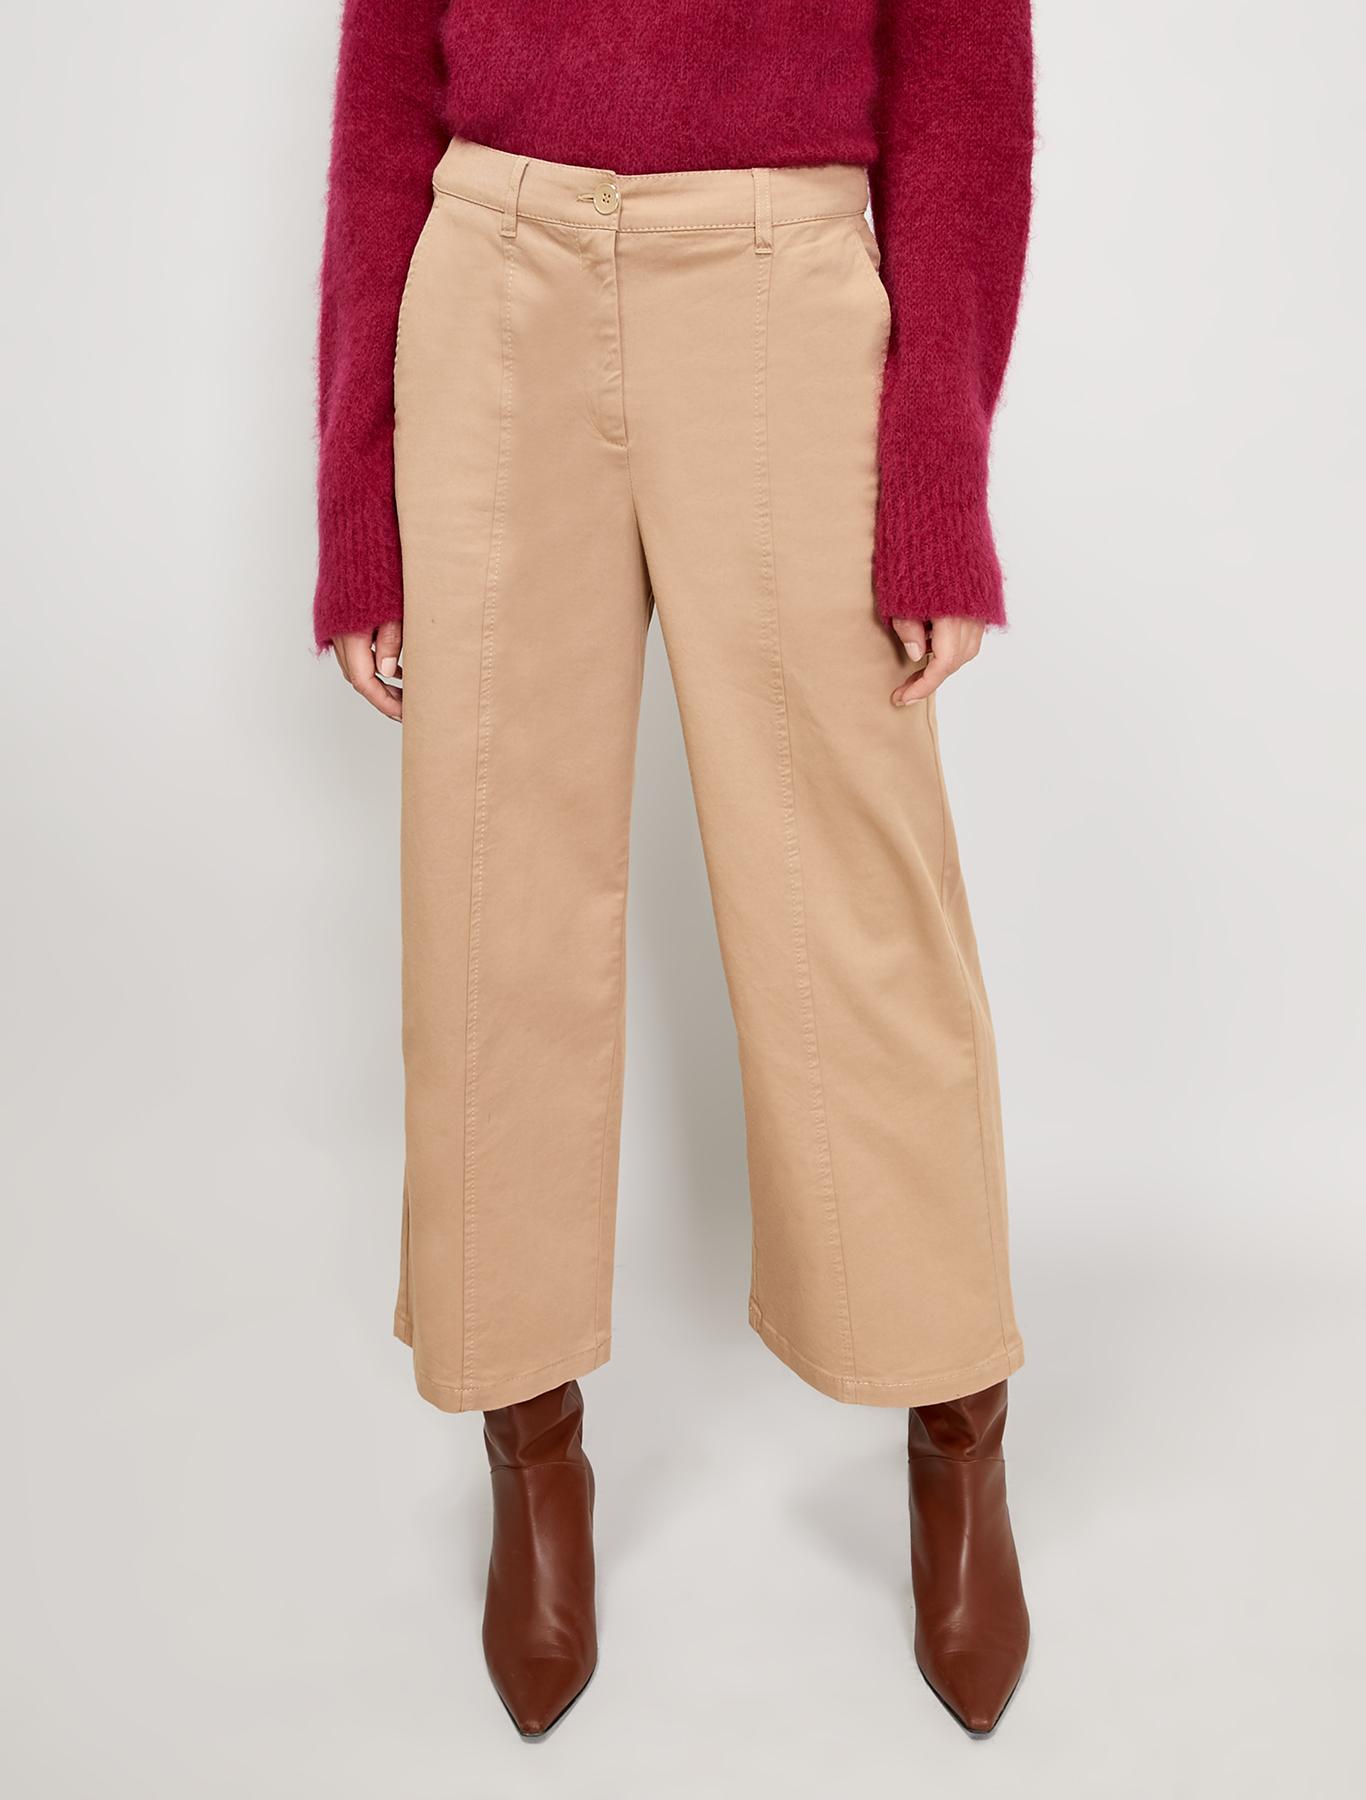 Wide-leg cotton trousers - beige - pennyblack